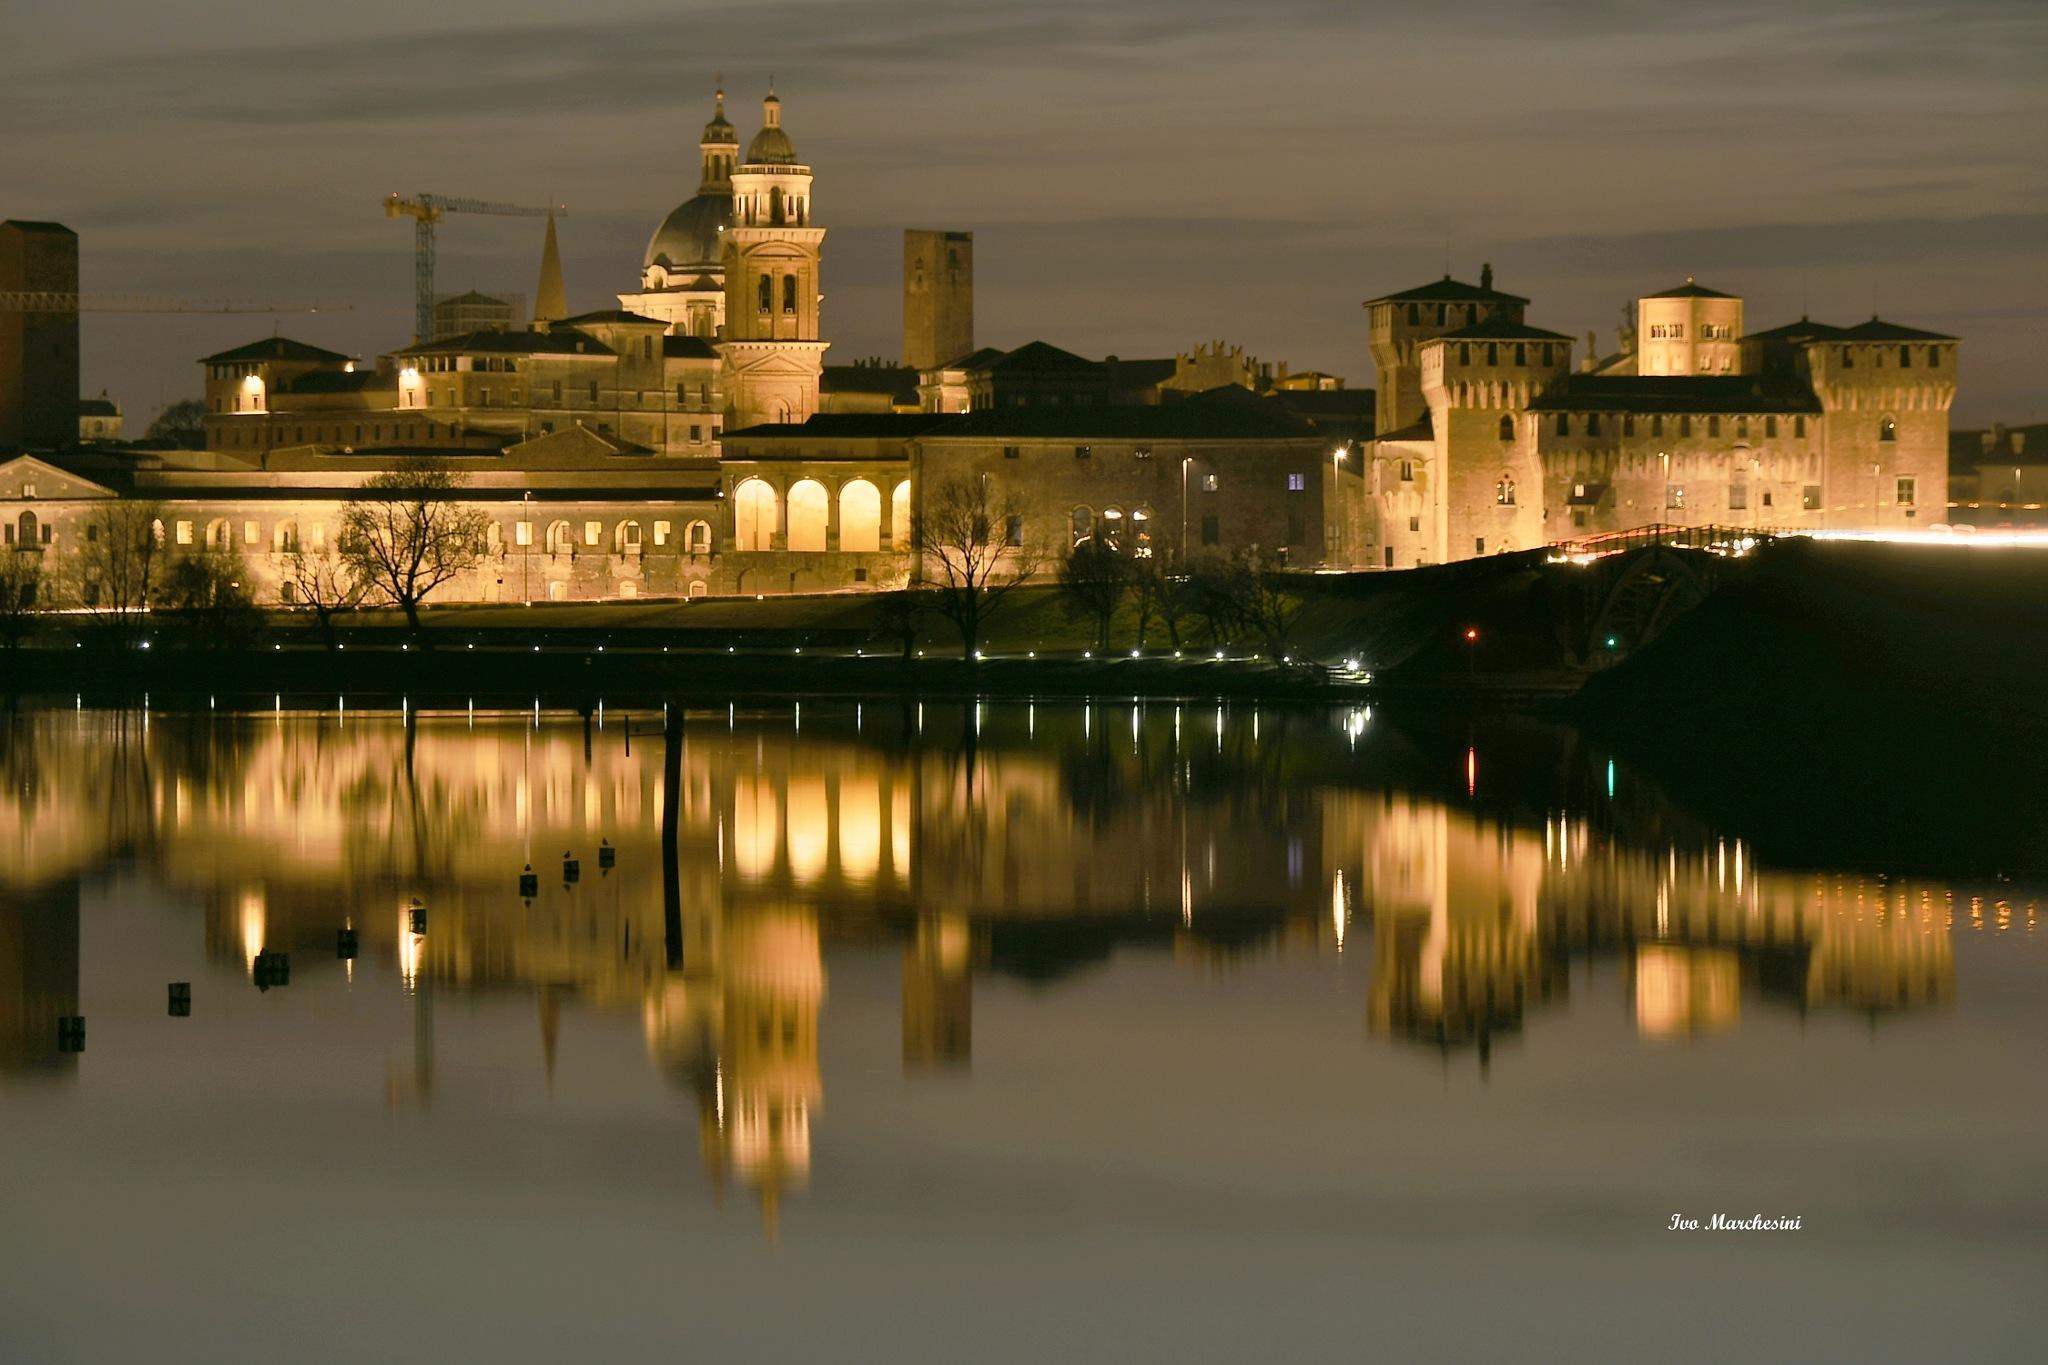 mantua by night by Ivo Mar Marchesini